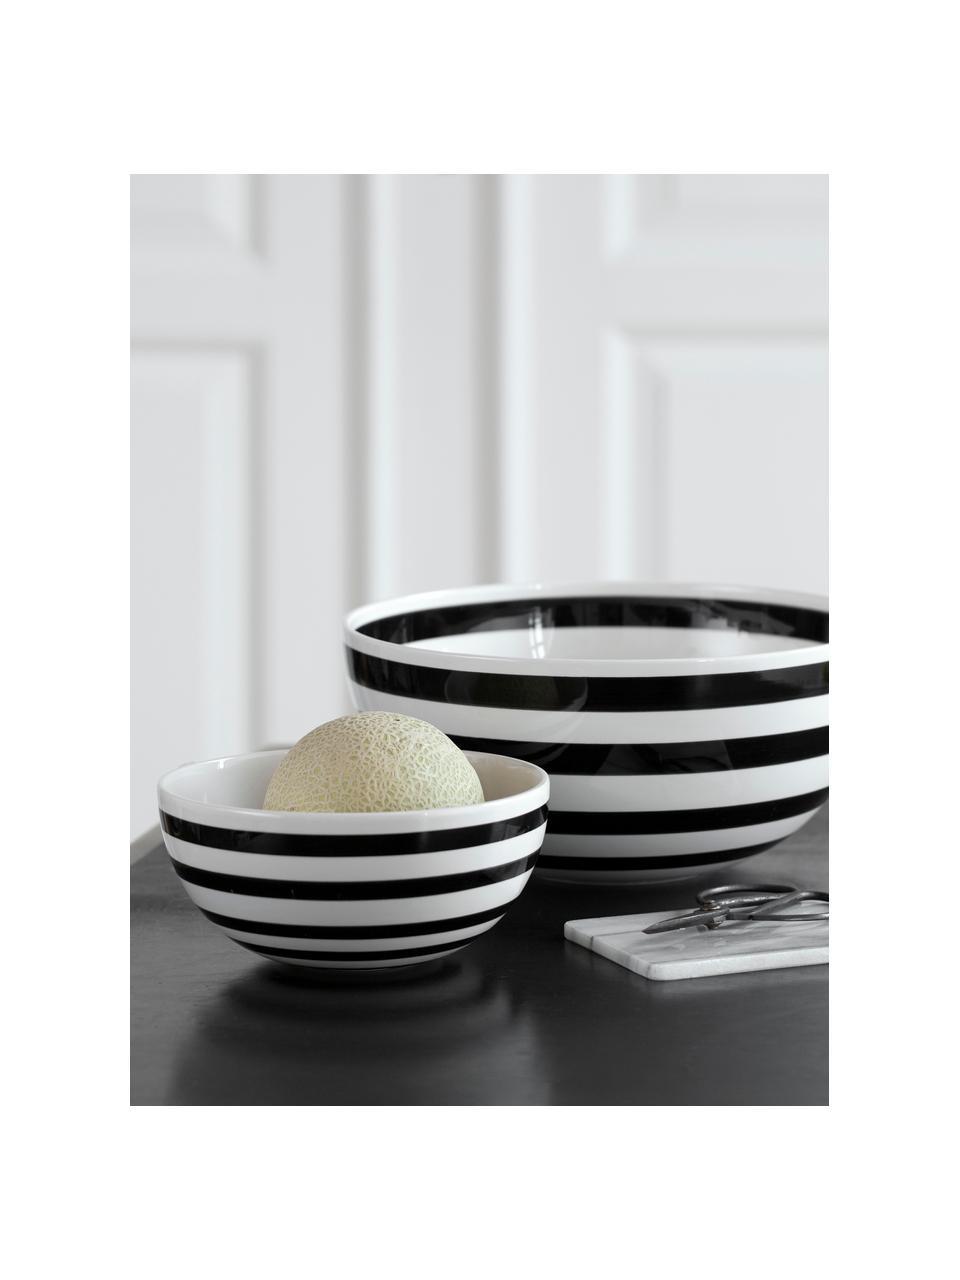 Kom Omaggio van keramiek, Ø 30 cm, Keramiek, Zwart, wit, Ø 30 x H 14 cm